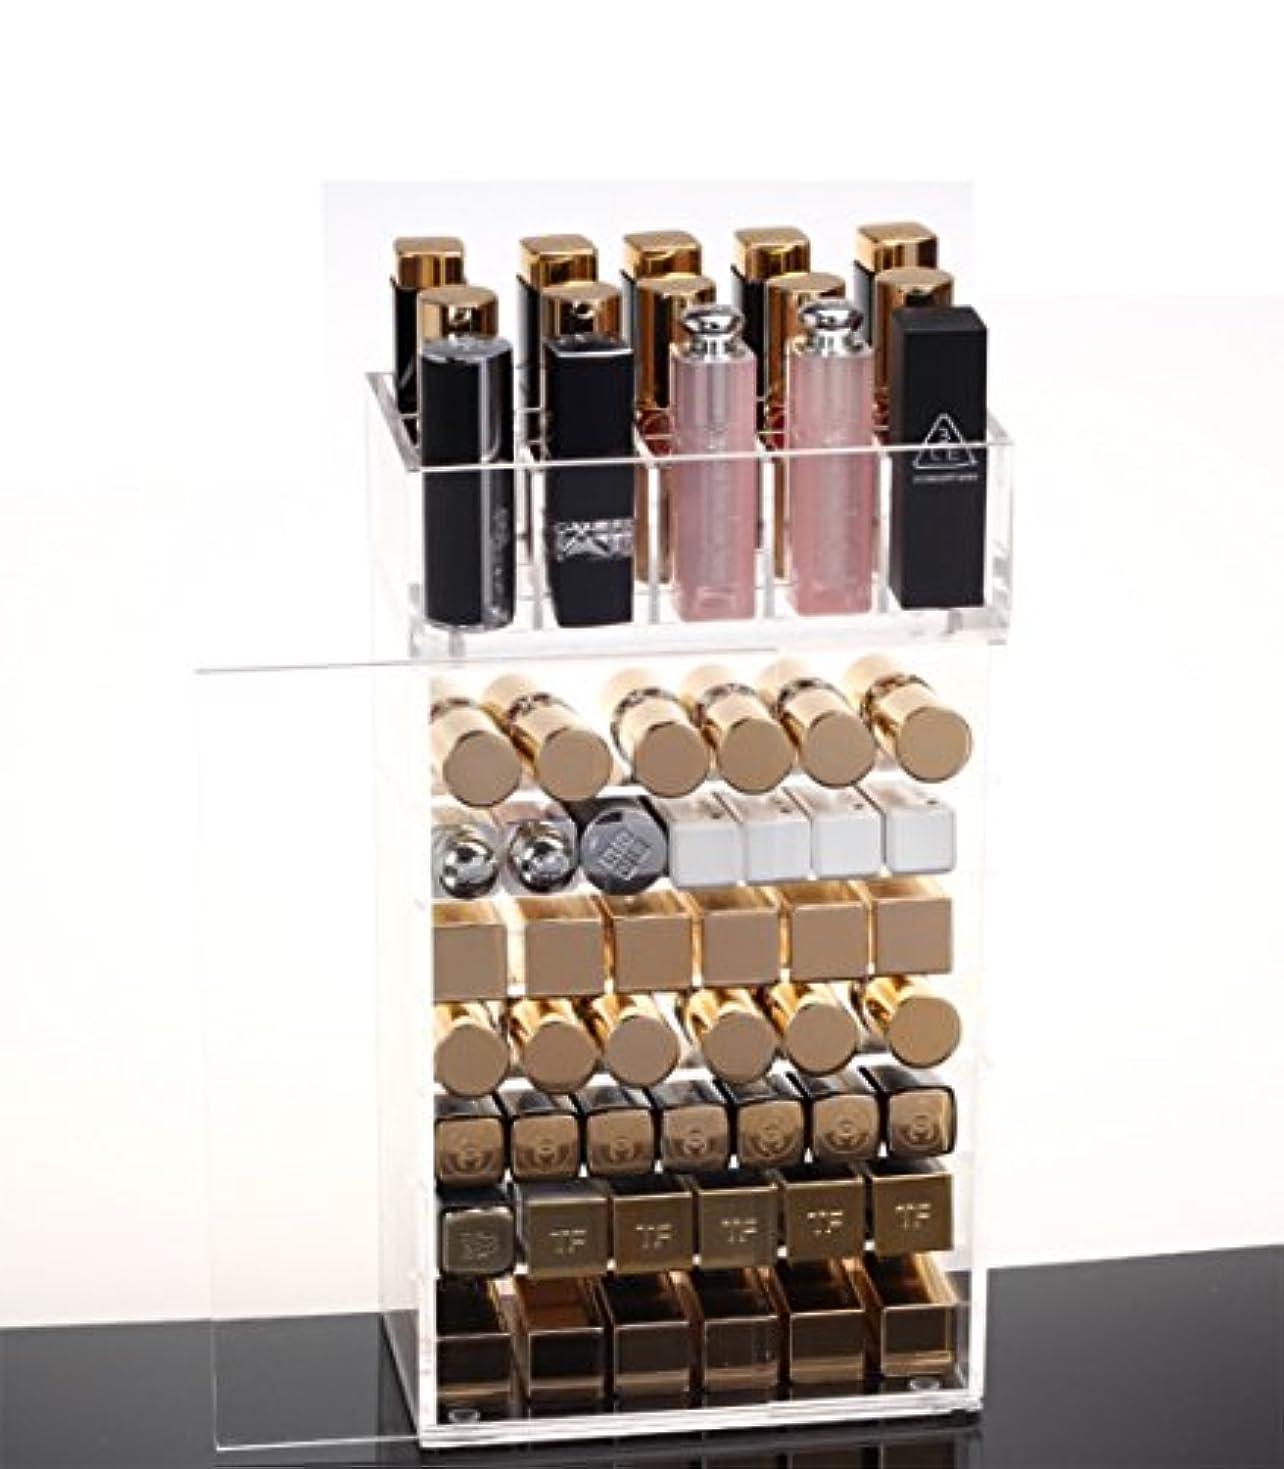 確立します事前に進化SZTulip 化粧品収納ボックス メイクケース メイクボックス 口紅収納 ネイルカラー小物入れ レディース  透明アクリル 防塵ドア付き コスメボックス